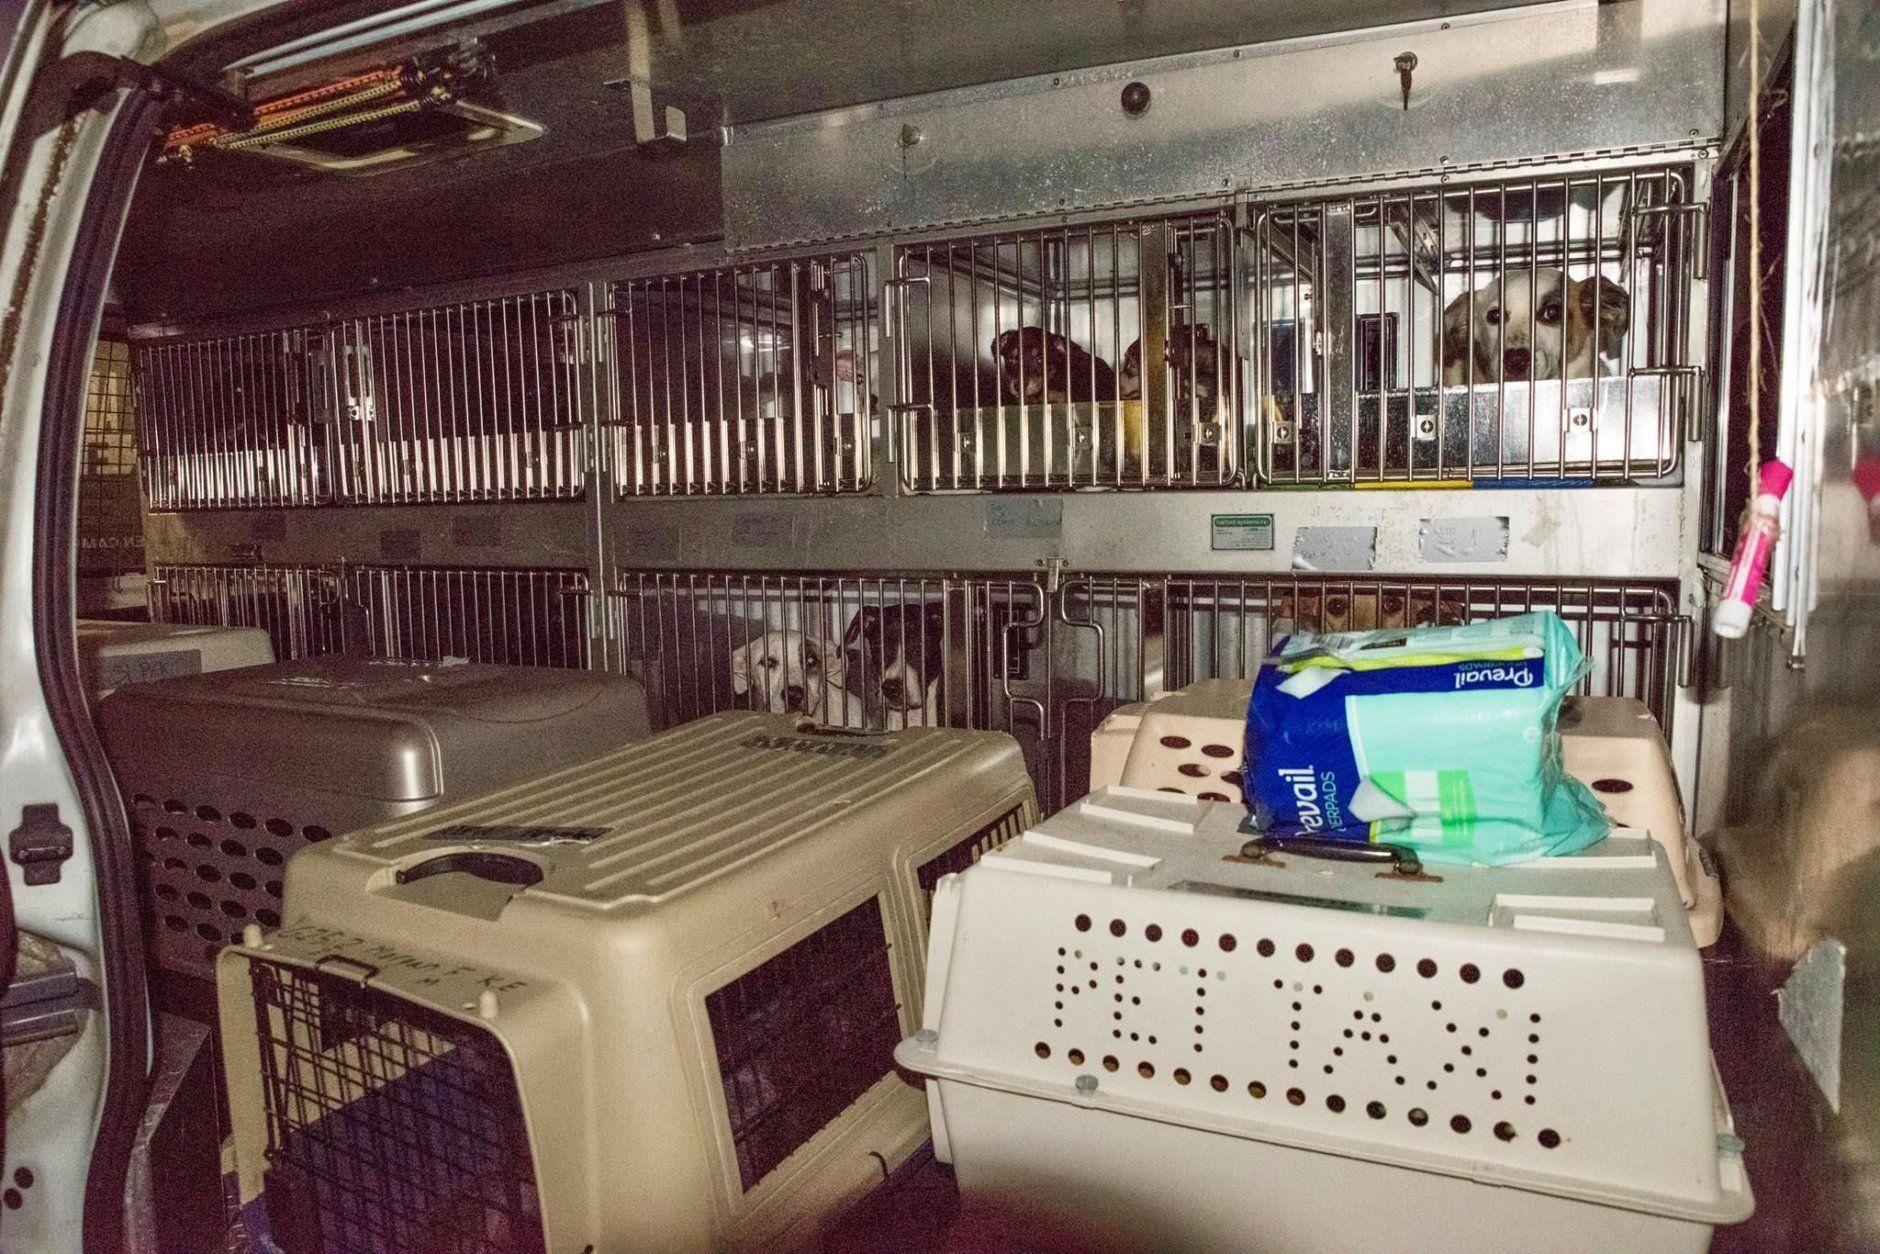 Dogs sit in kennels inside a Humane Rescue Alliance van.